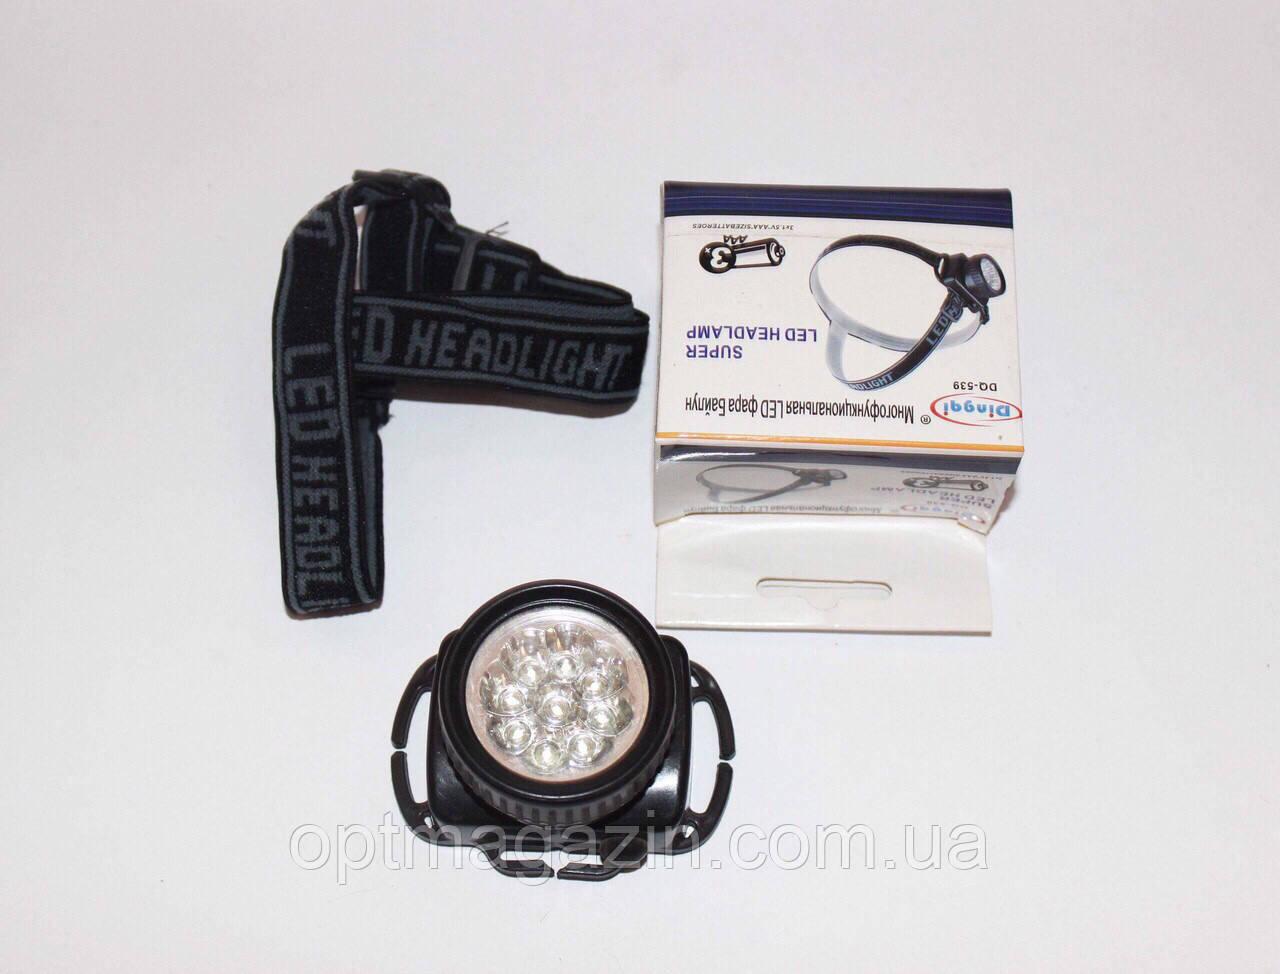 Ліхтар DQ-539 налобний 9 LED. Ліхтар DQ-539/ 3R3xAAA/ 9LED/ Кріплення на голову